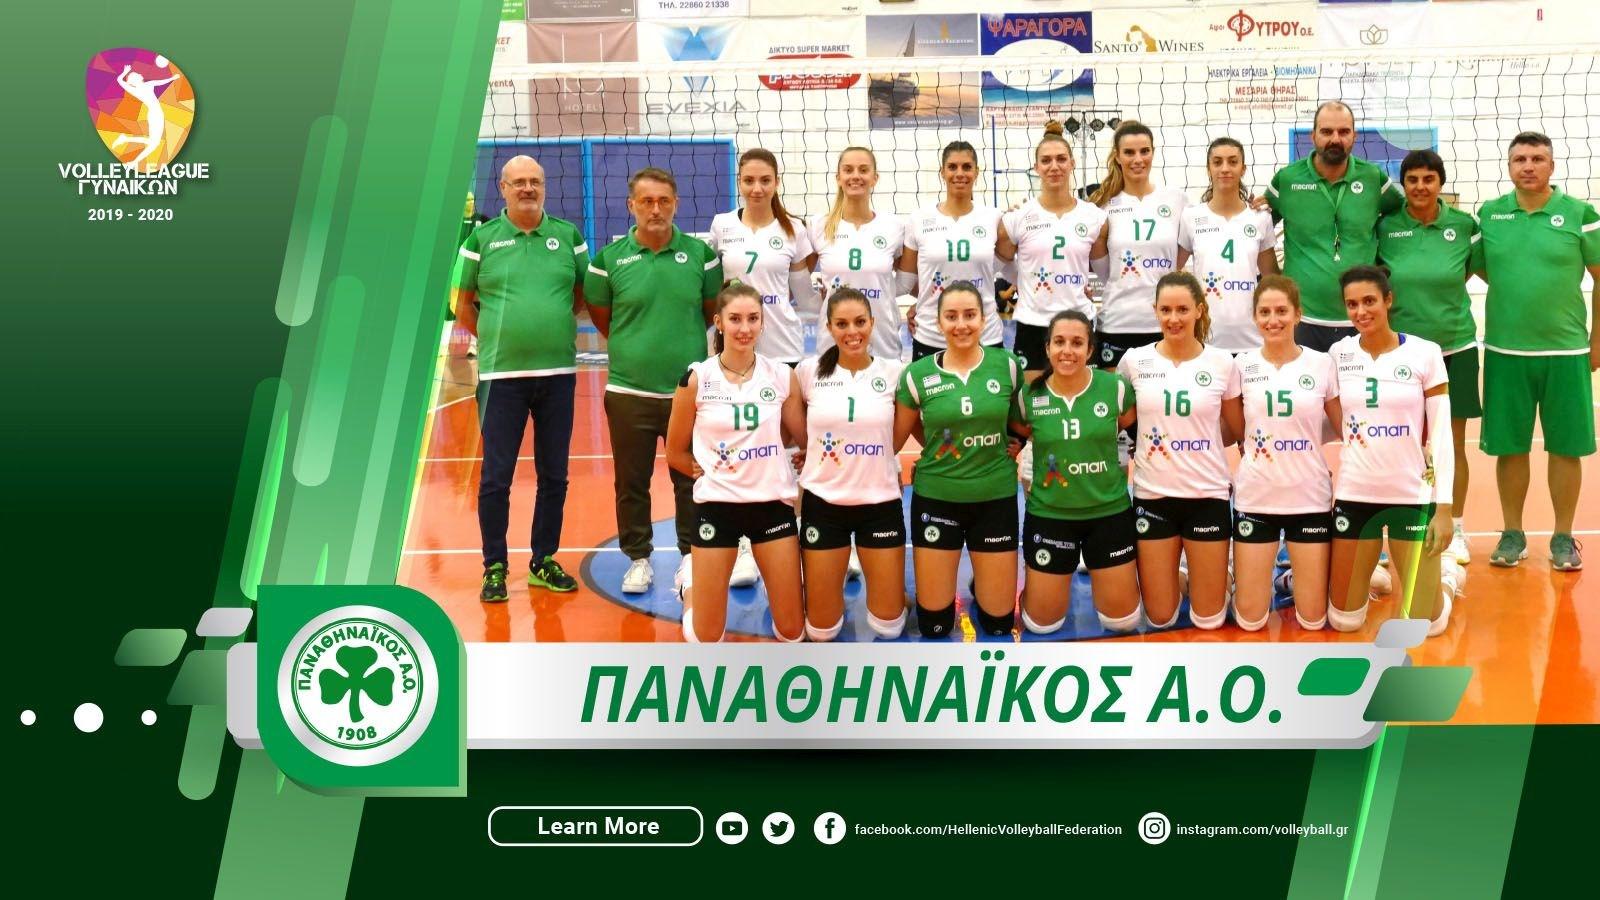 Αφιέρωμα στον Παναθηναϊκό από την Ε.Ο.Π.Ε   panathinaikos24.gr